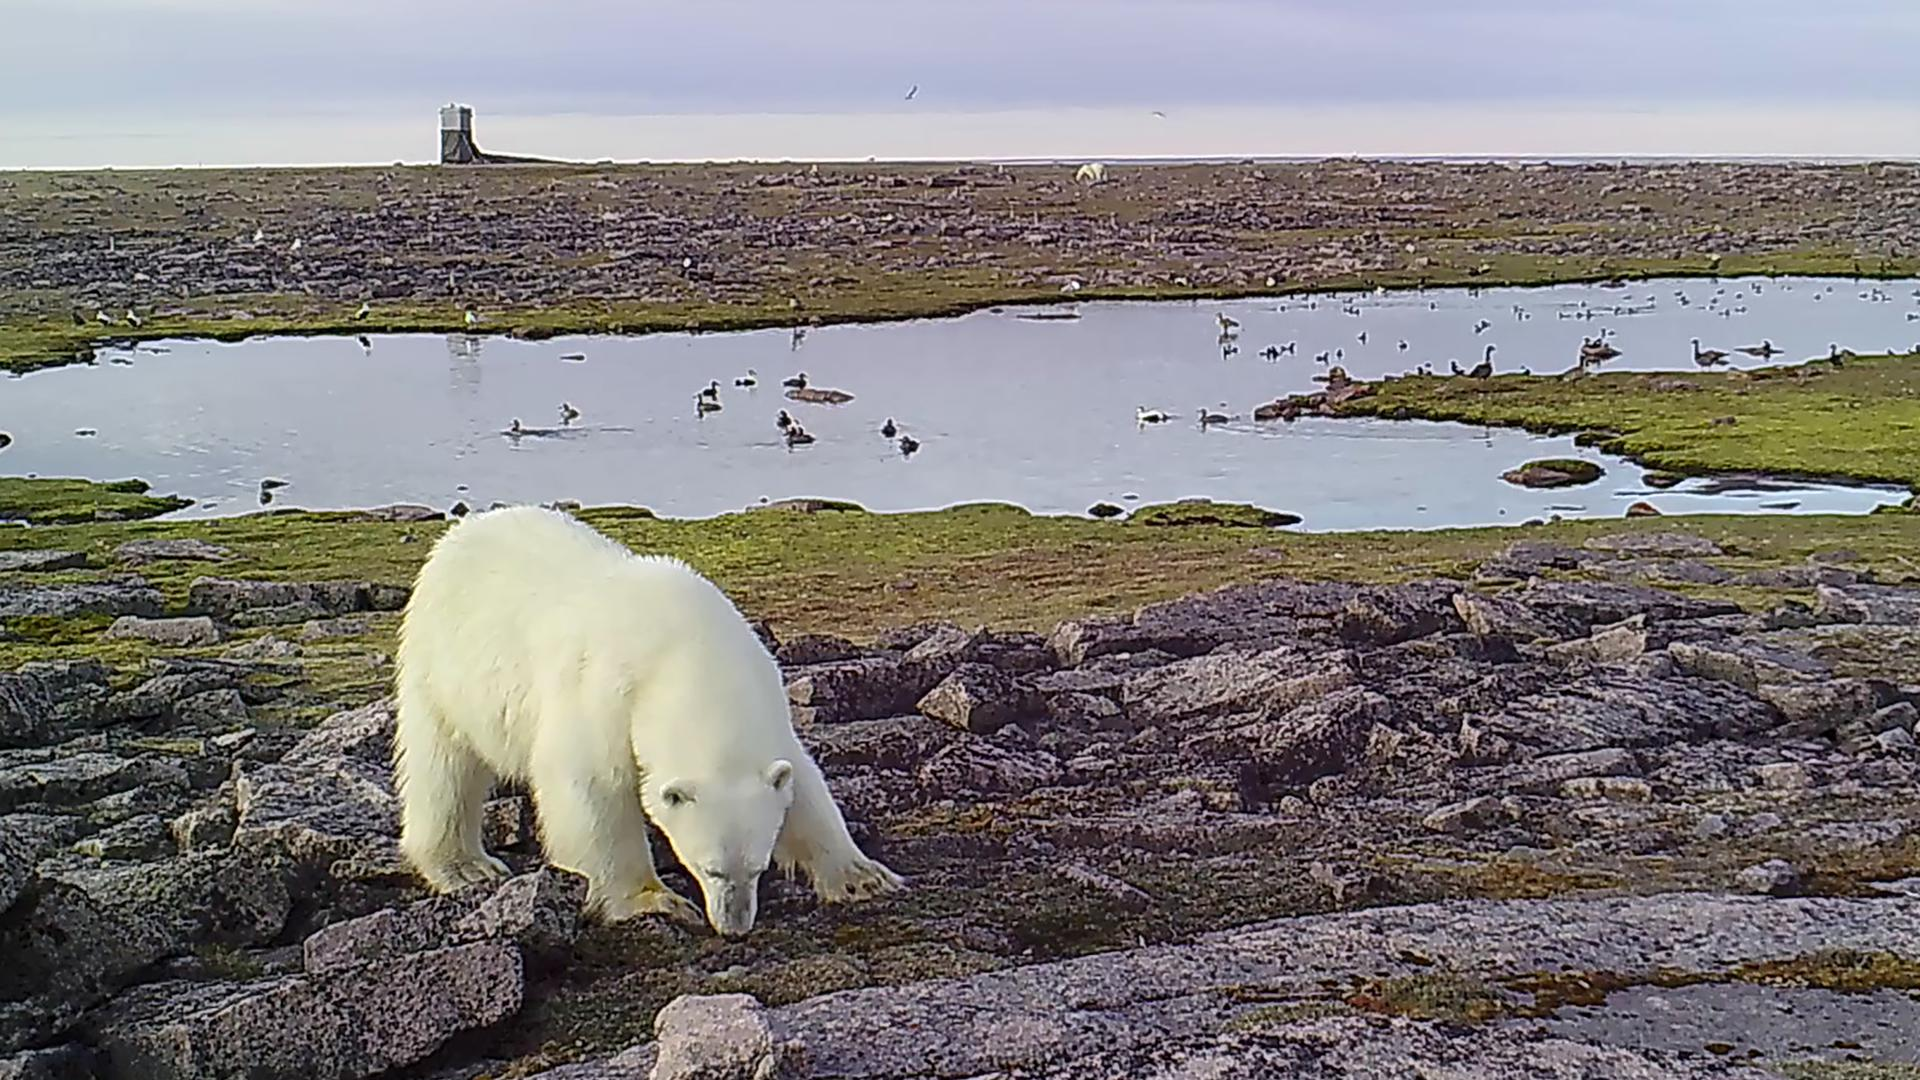 Ein Eisbär sucht nach Futter (Aufnahmedaten unbekannt).